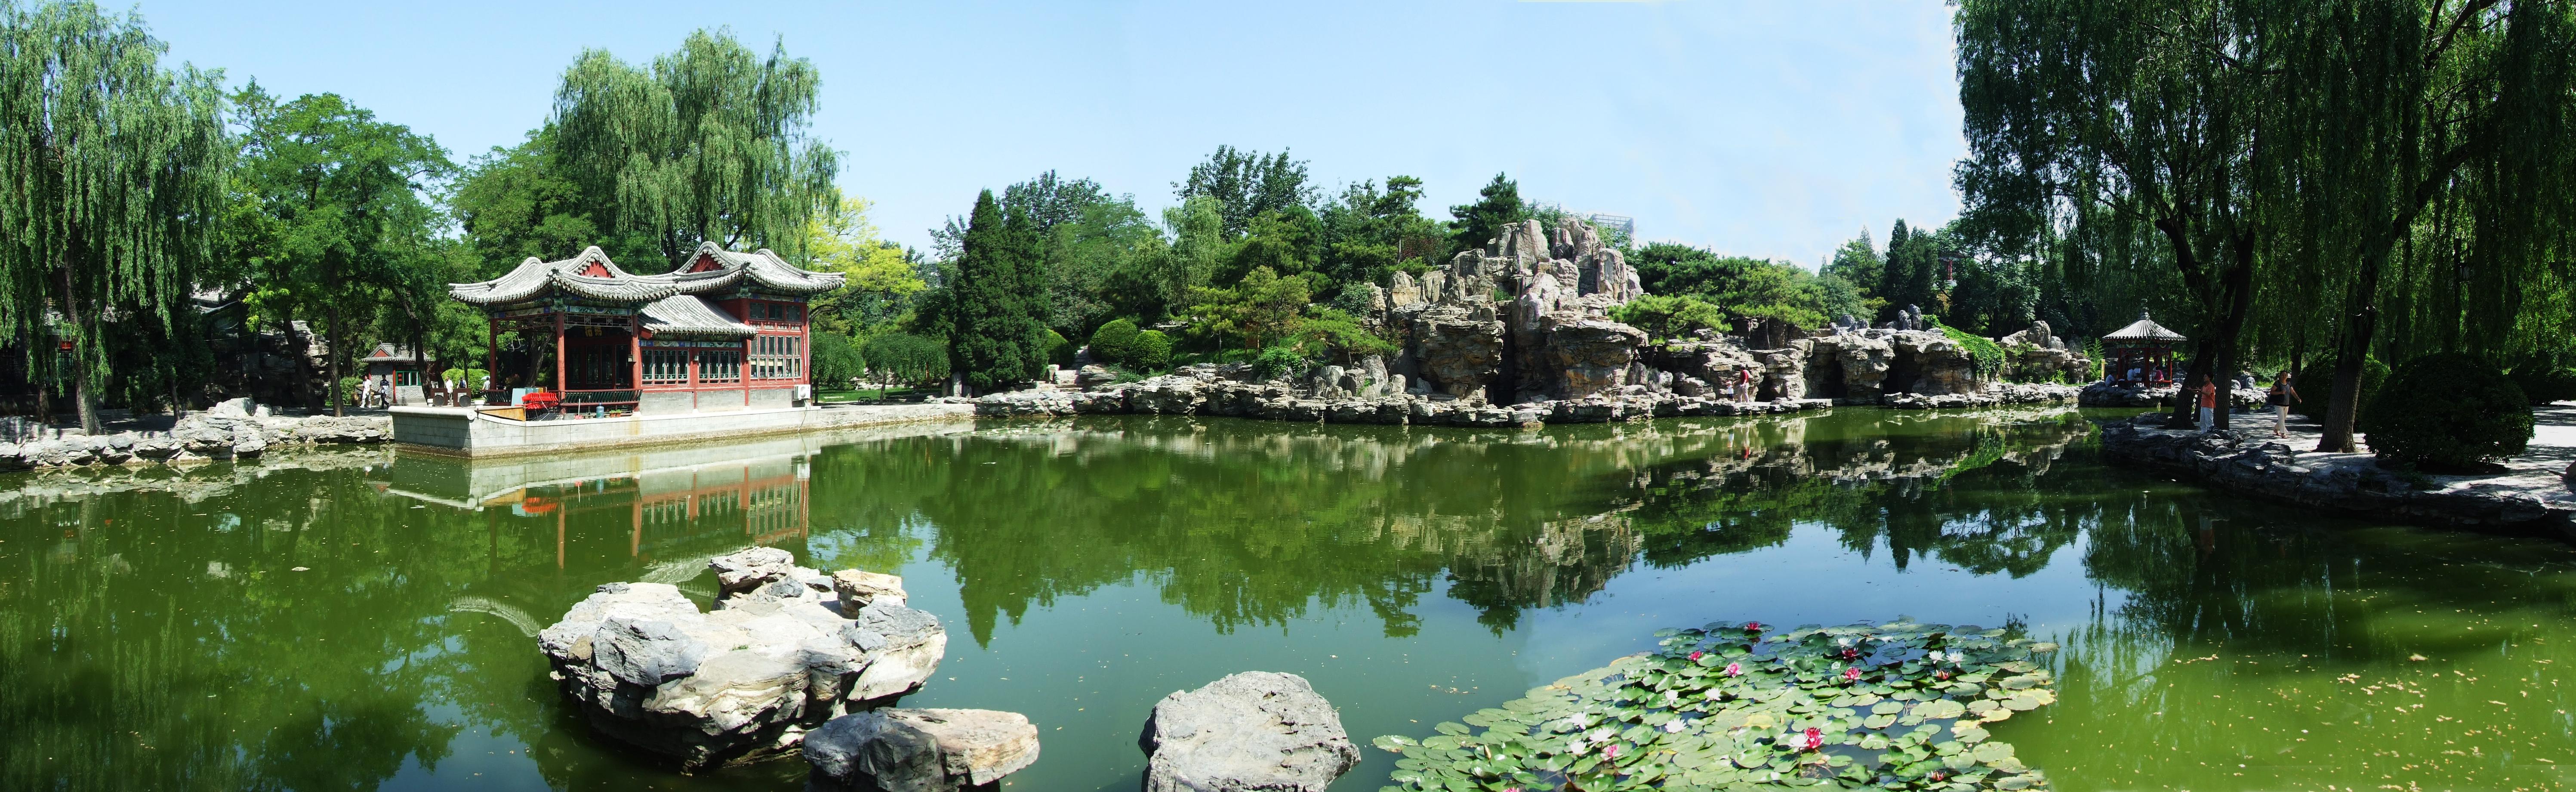 最好公园风景图片